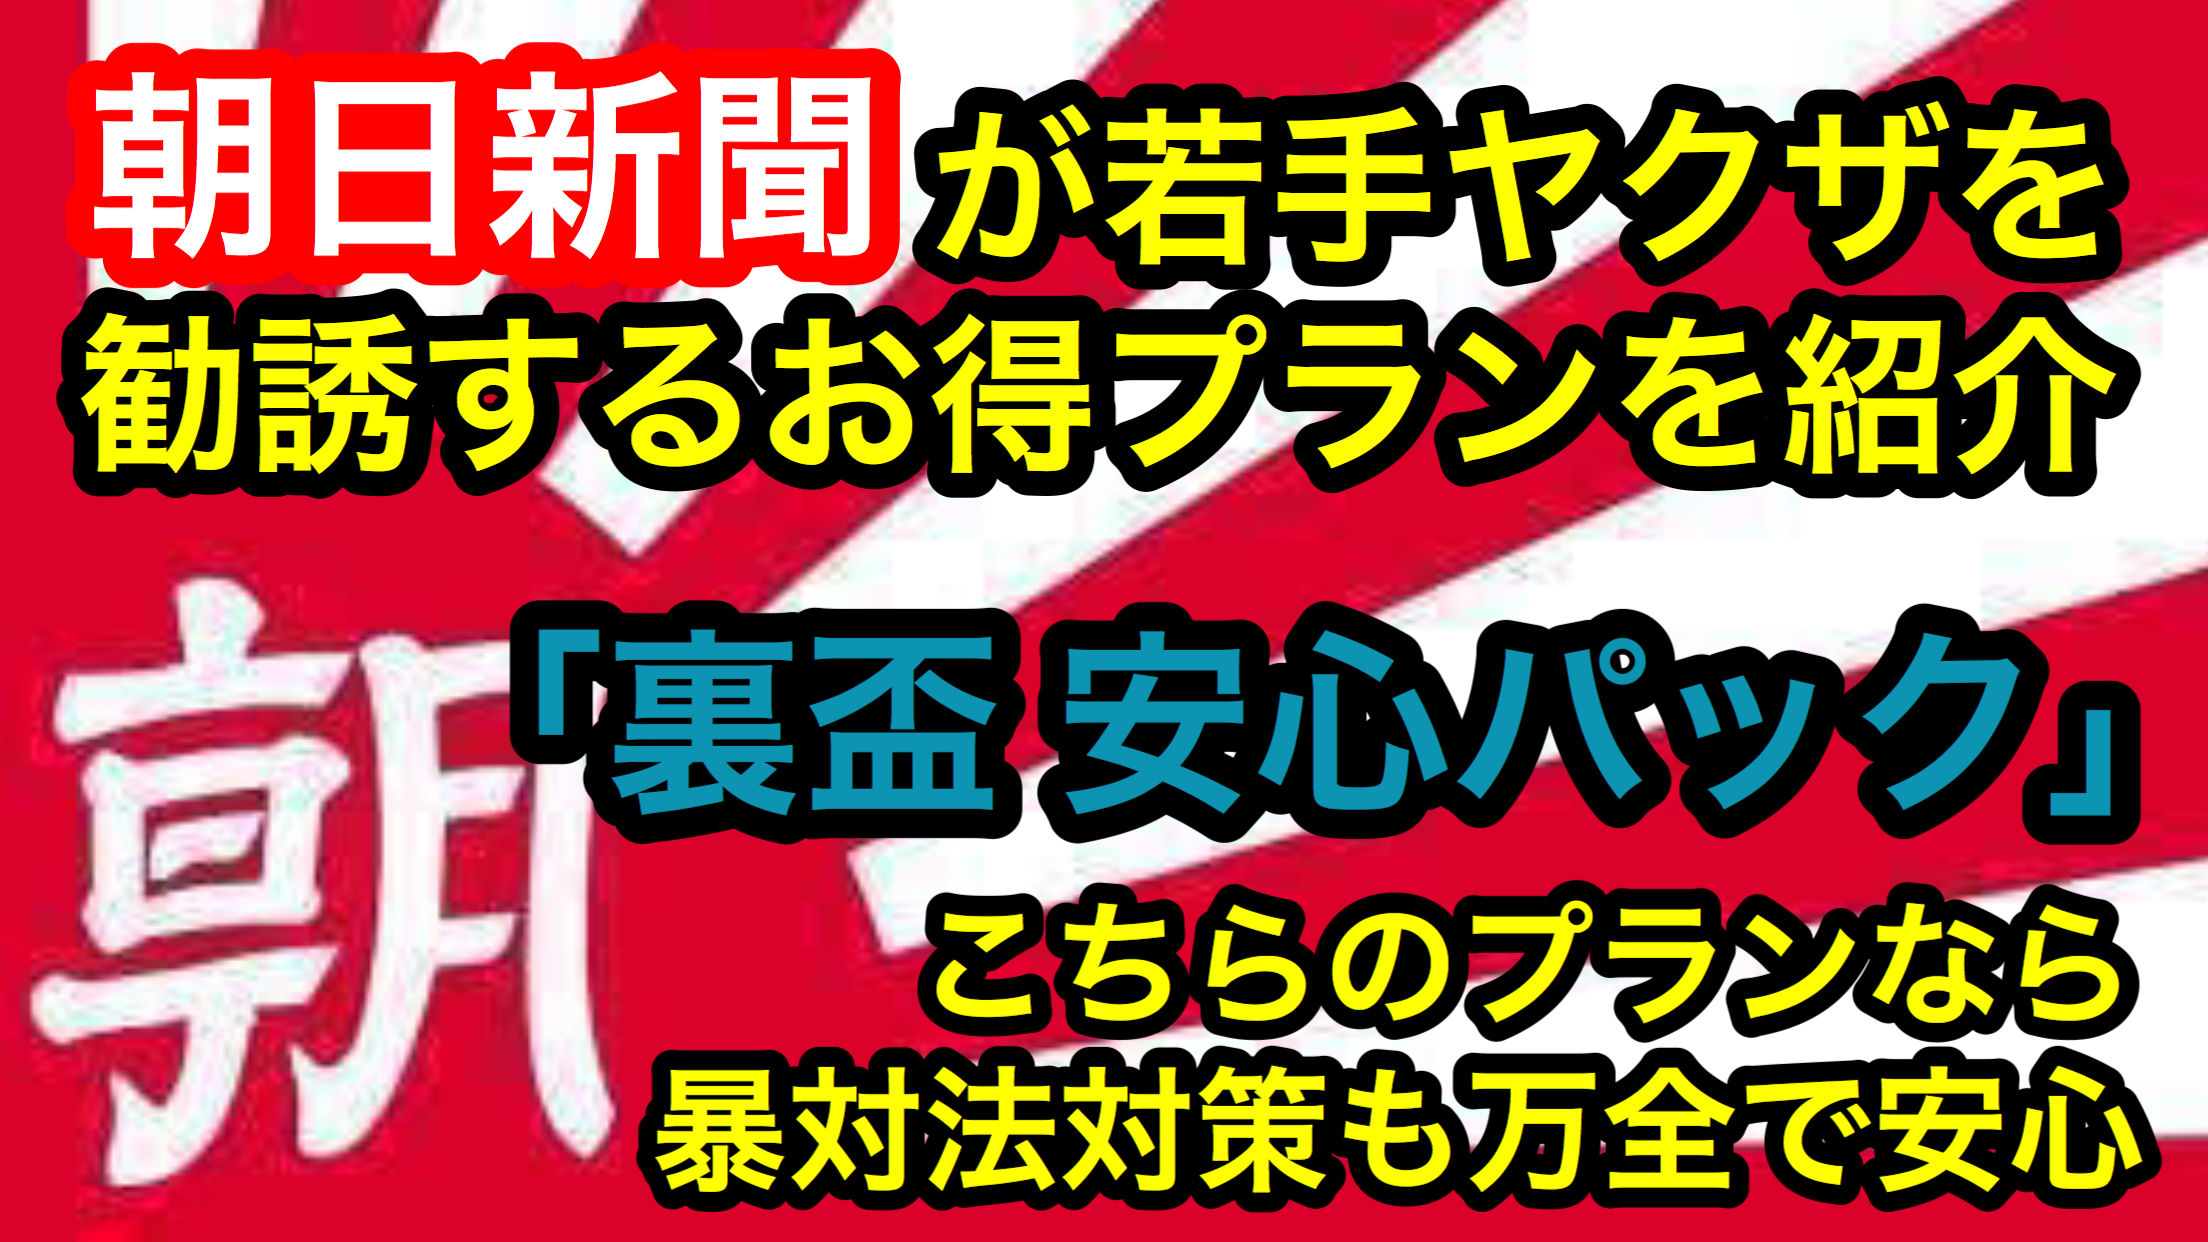 朝日新聞が若手ヤクザを勧誘するお得プラン